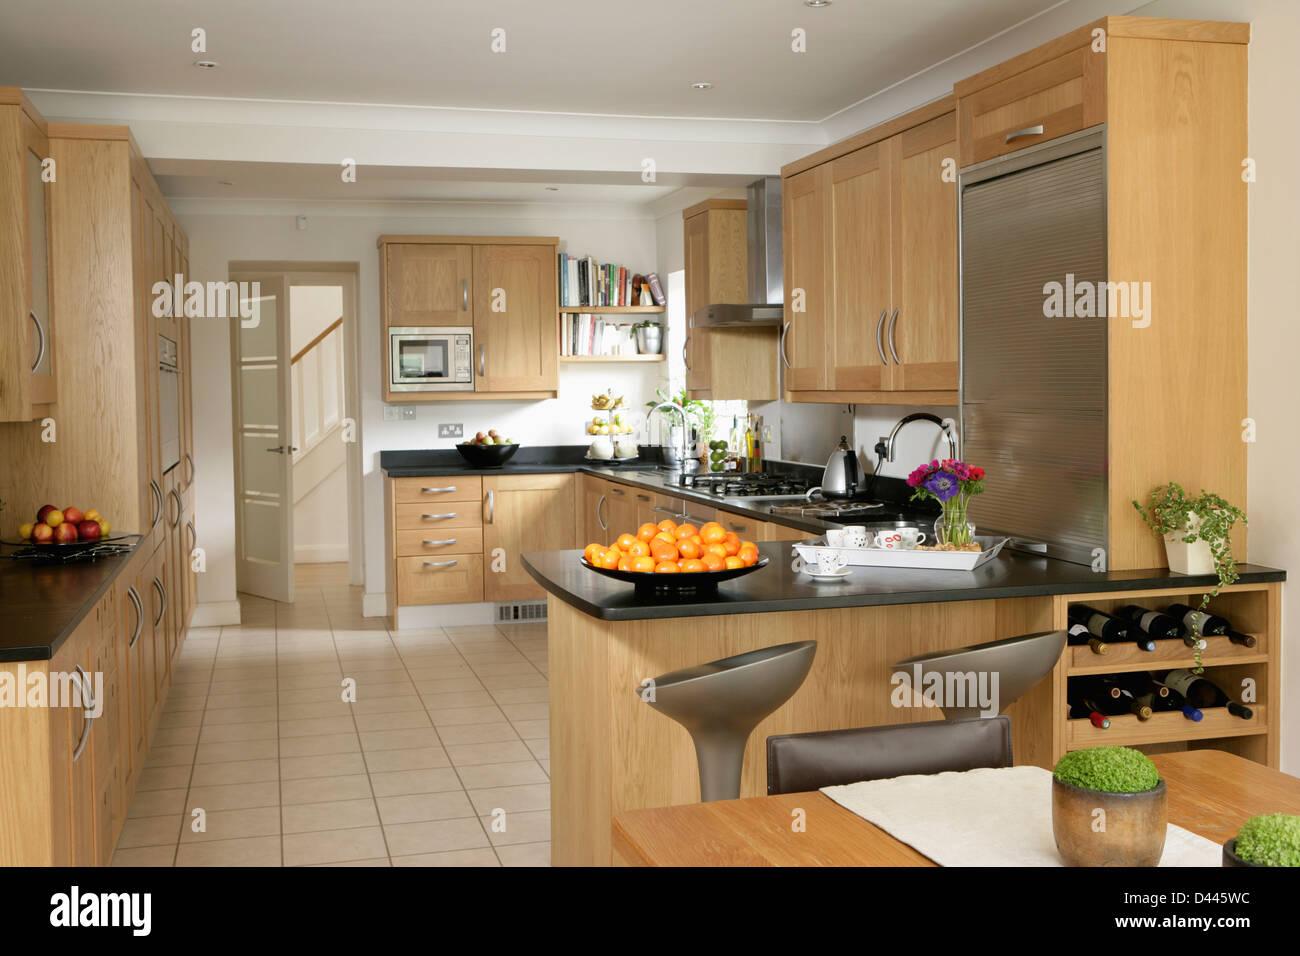 Azulejos Para Cozinhas Modernas Cozinha Moderna Com Cores Sbrias E